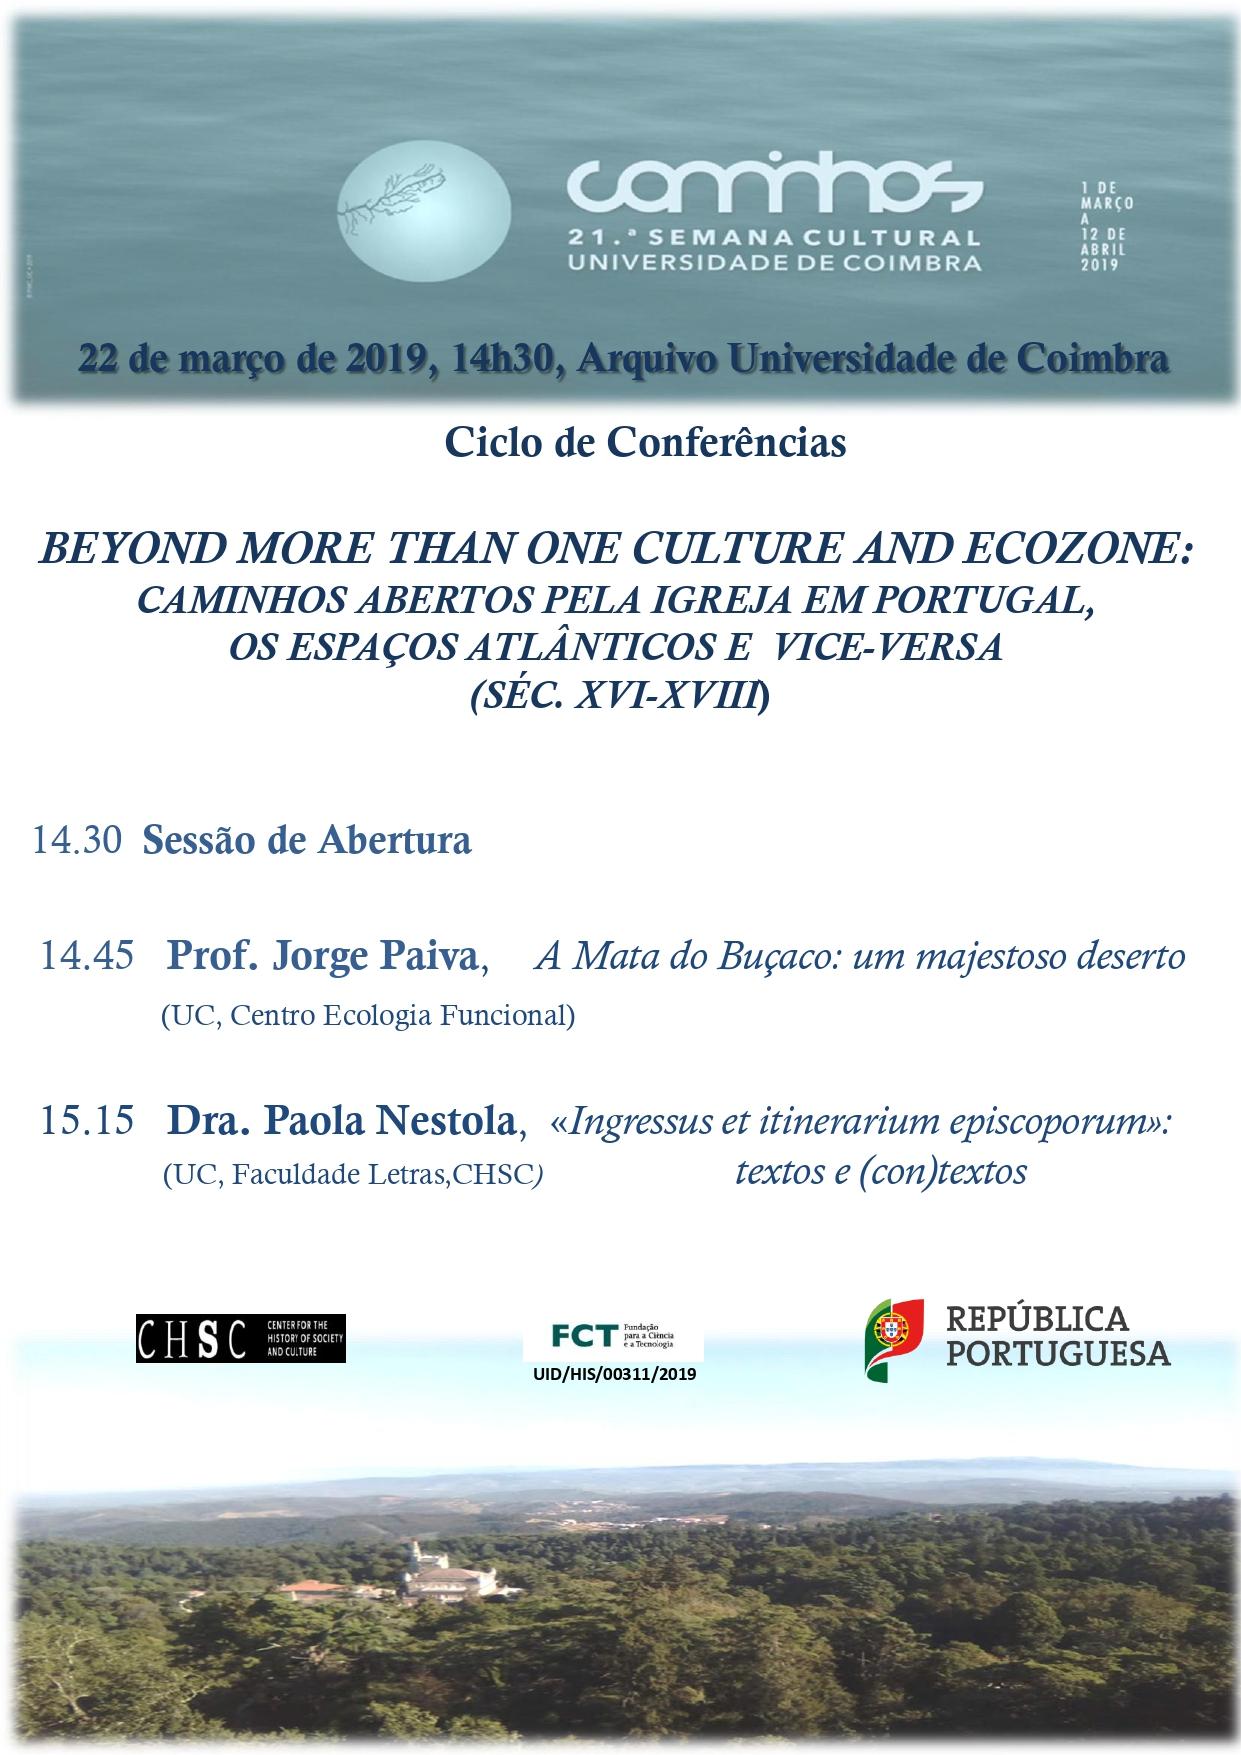 BEYOND MORE THAN ONE CULTURE AND ECOZONE: CAMINHOS ABERTOS PELA IGREJA EM PORTUGAL, OS ESPAÇOS ATLÂNTICOS E VICE-VERSA (SÉC. XVI-XVIII)